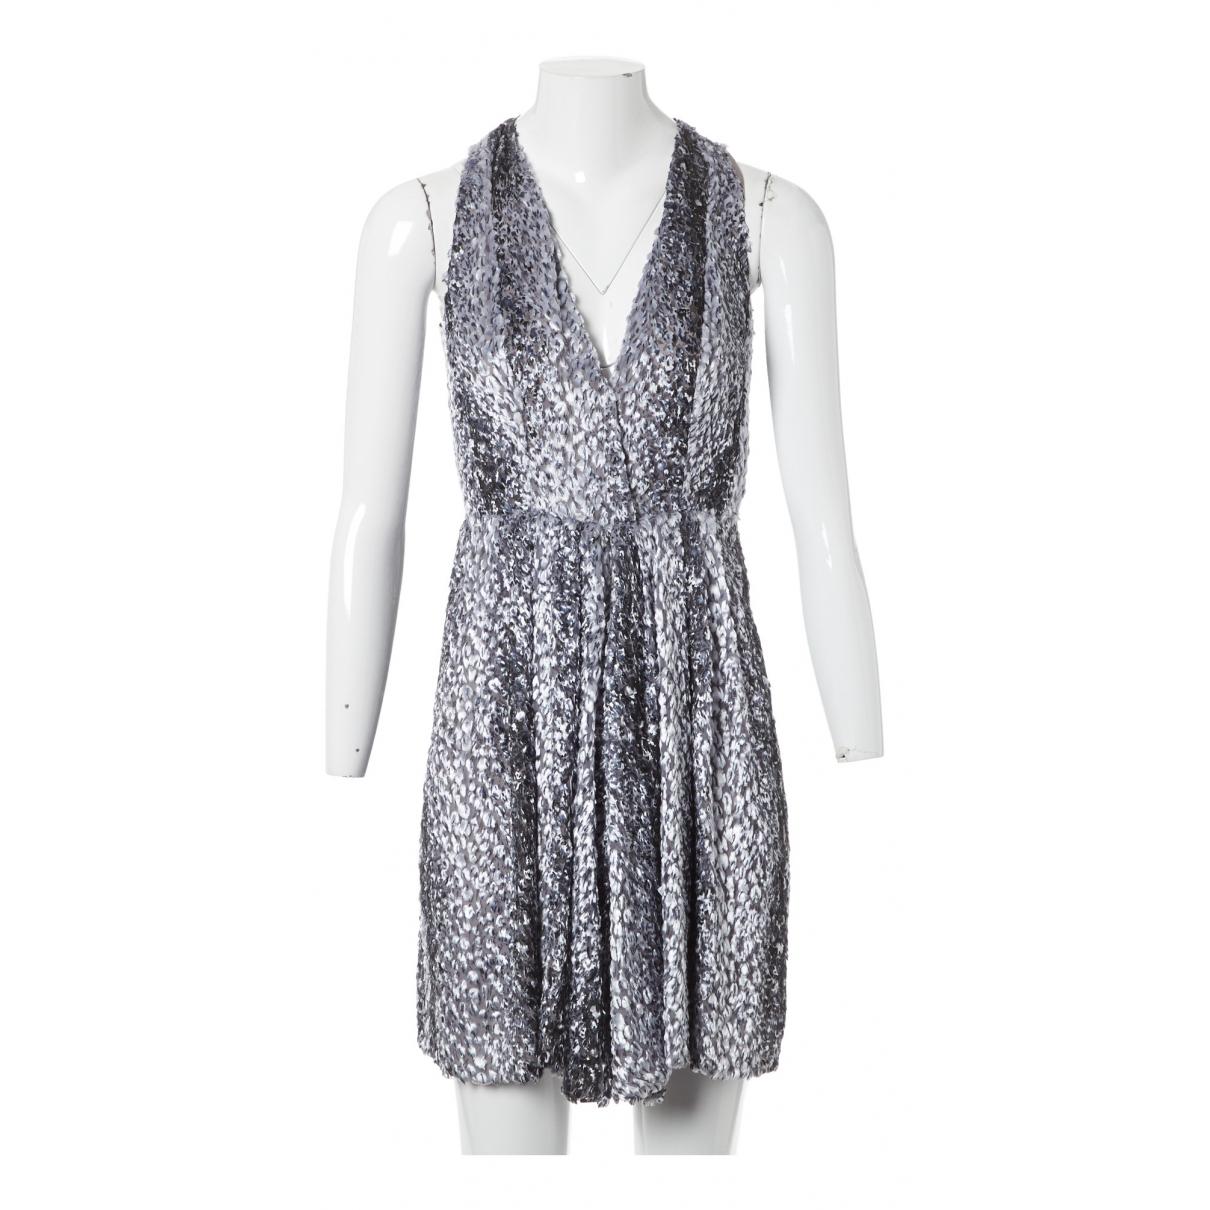 Balenciaga \N Grey dress for Women 38 FR